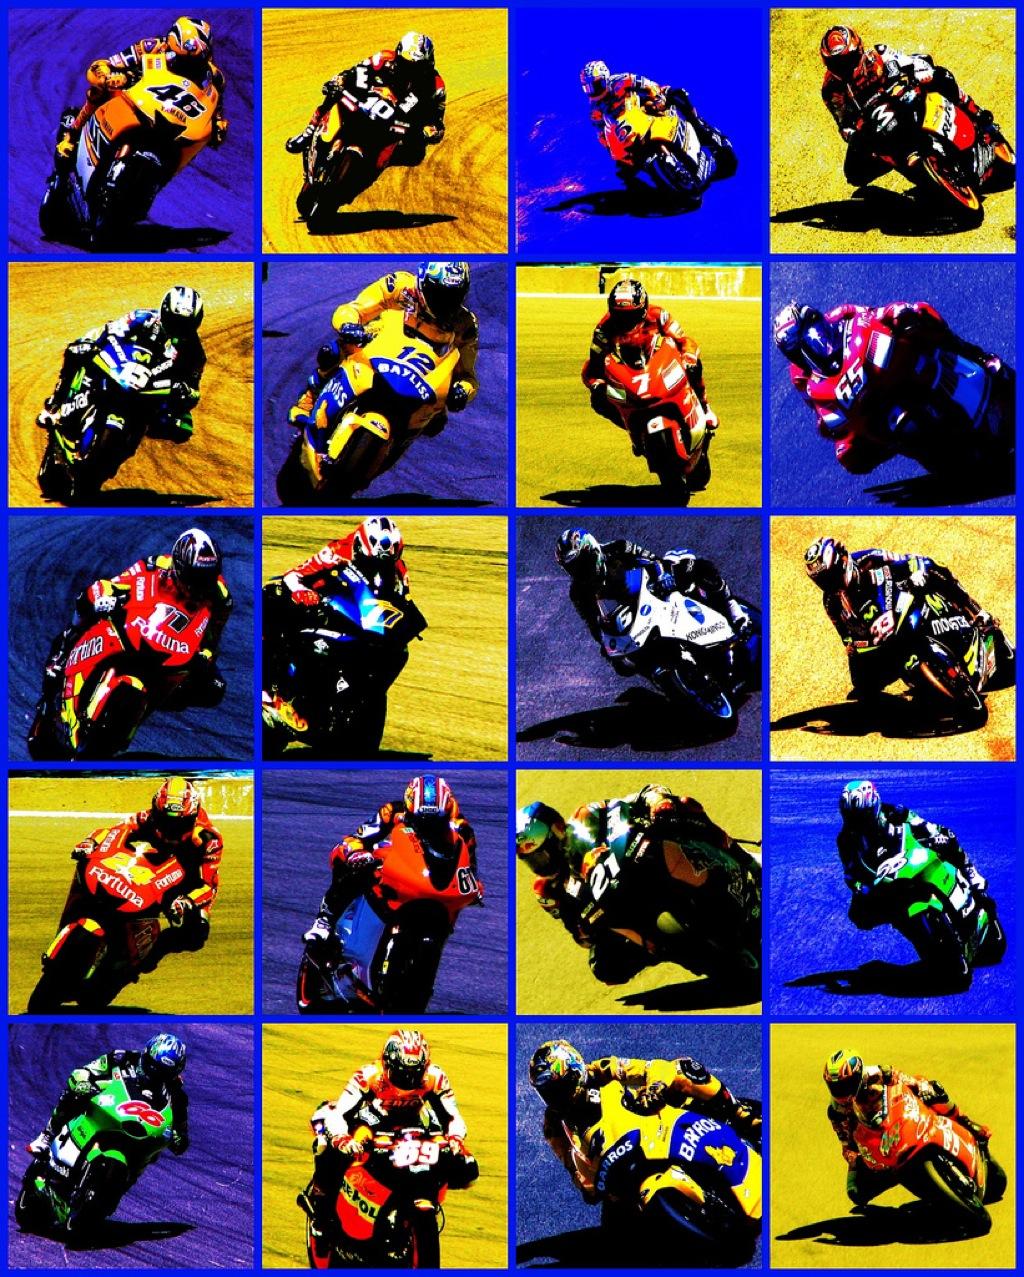 Una docena de los mejores momentos en la historia moderna del motociclismo